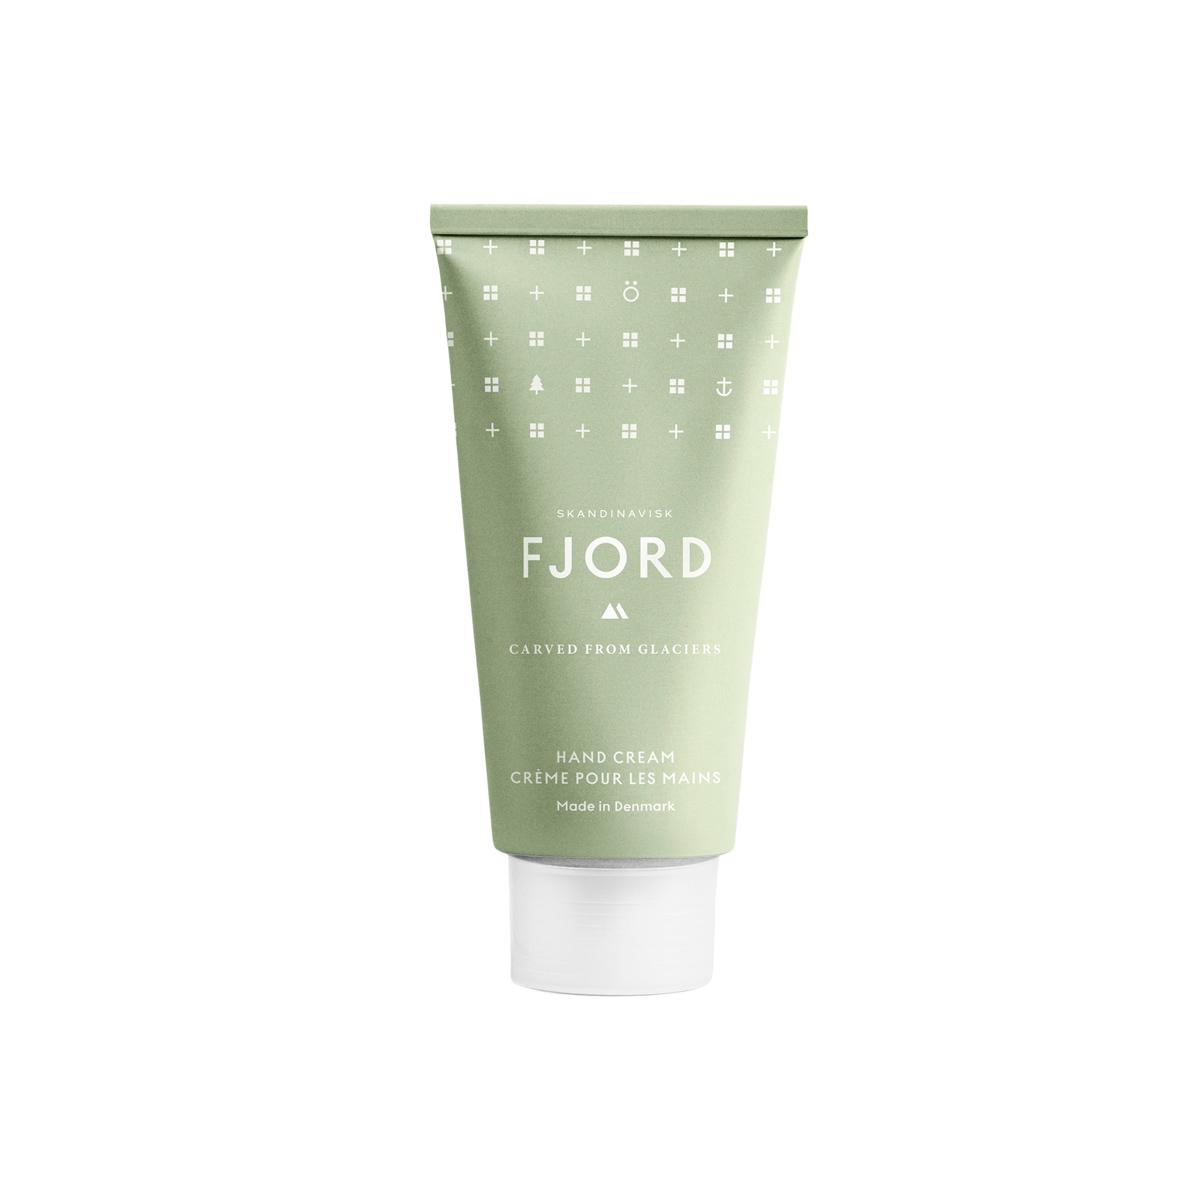 Fjord hand cream